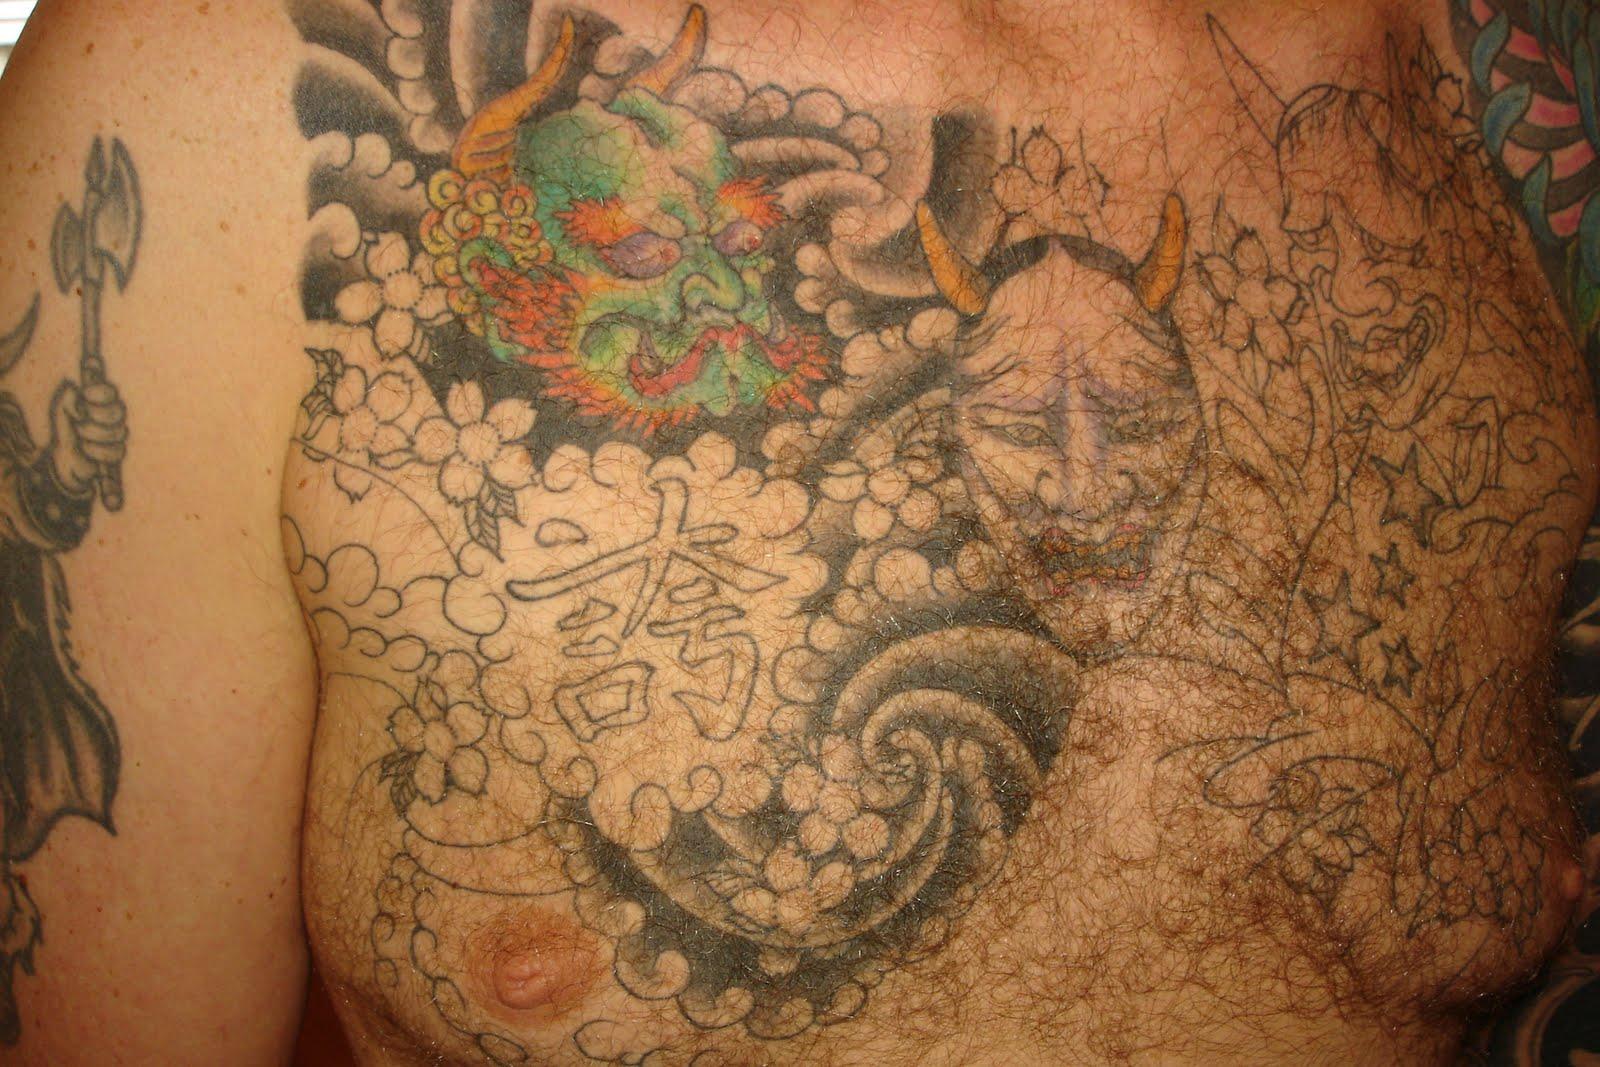 Joel tattooeerde ik in noorwijk zijn arm en rug en vlak voor ik